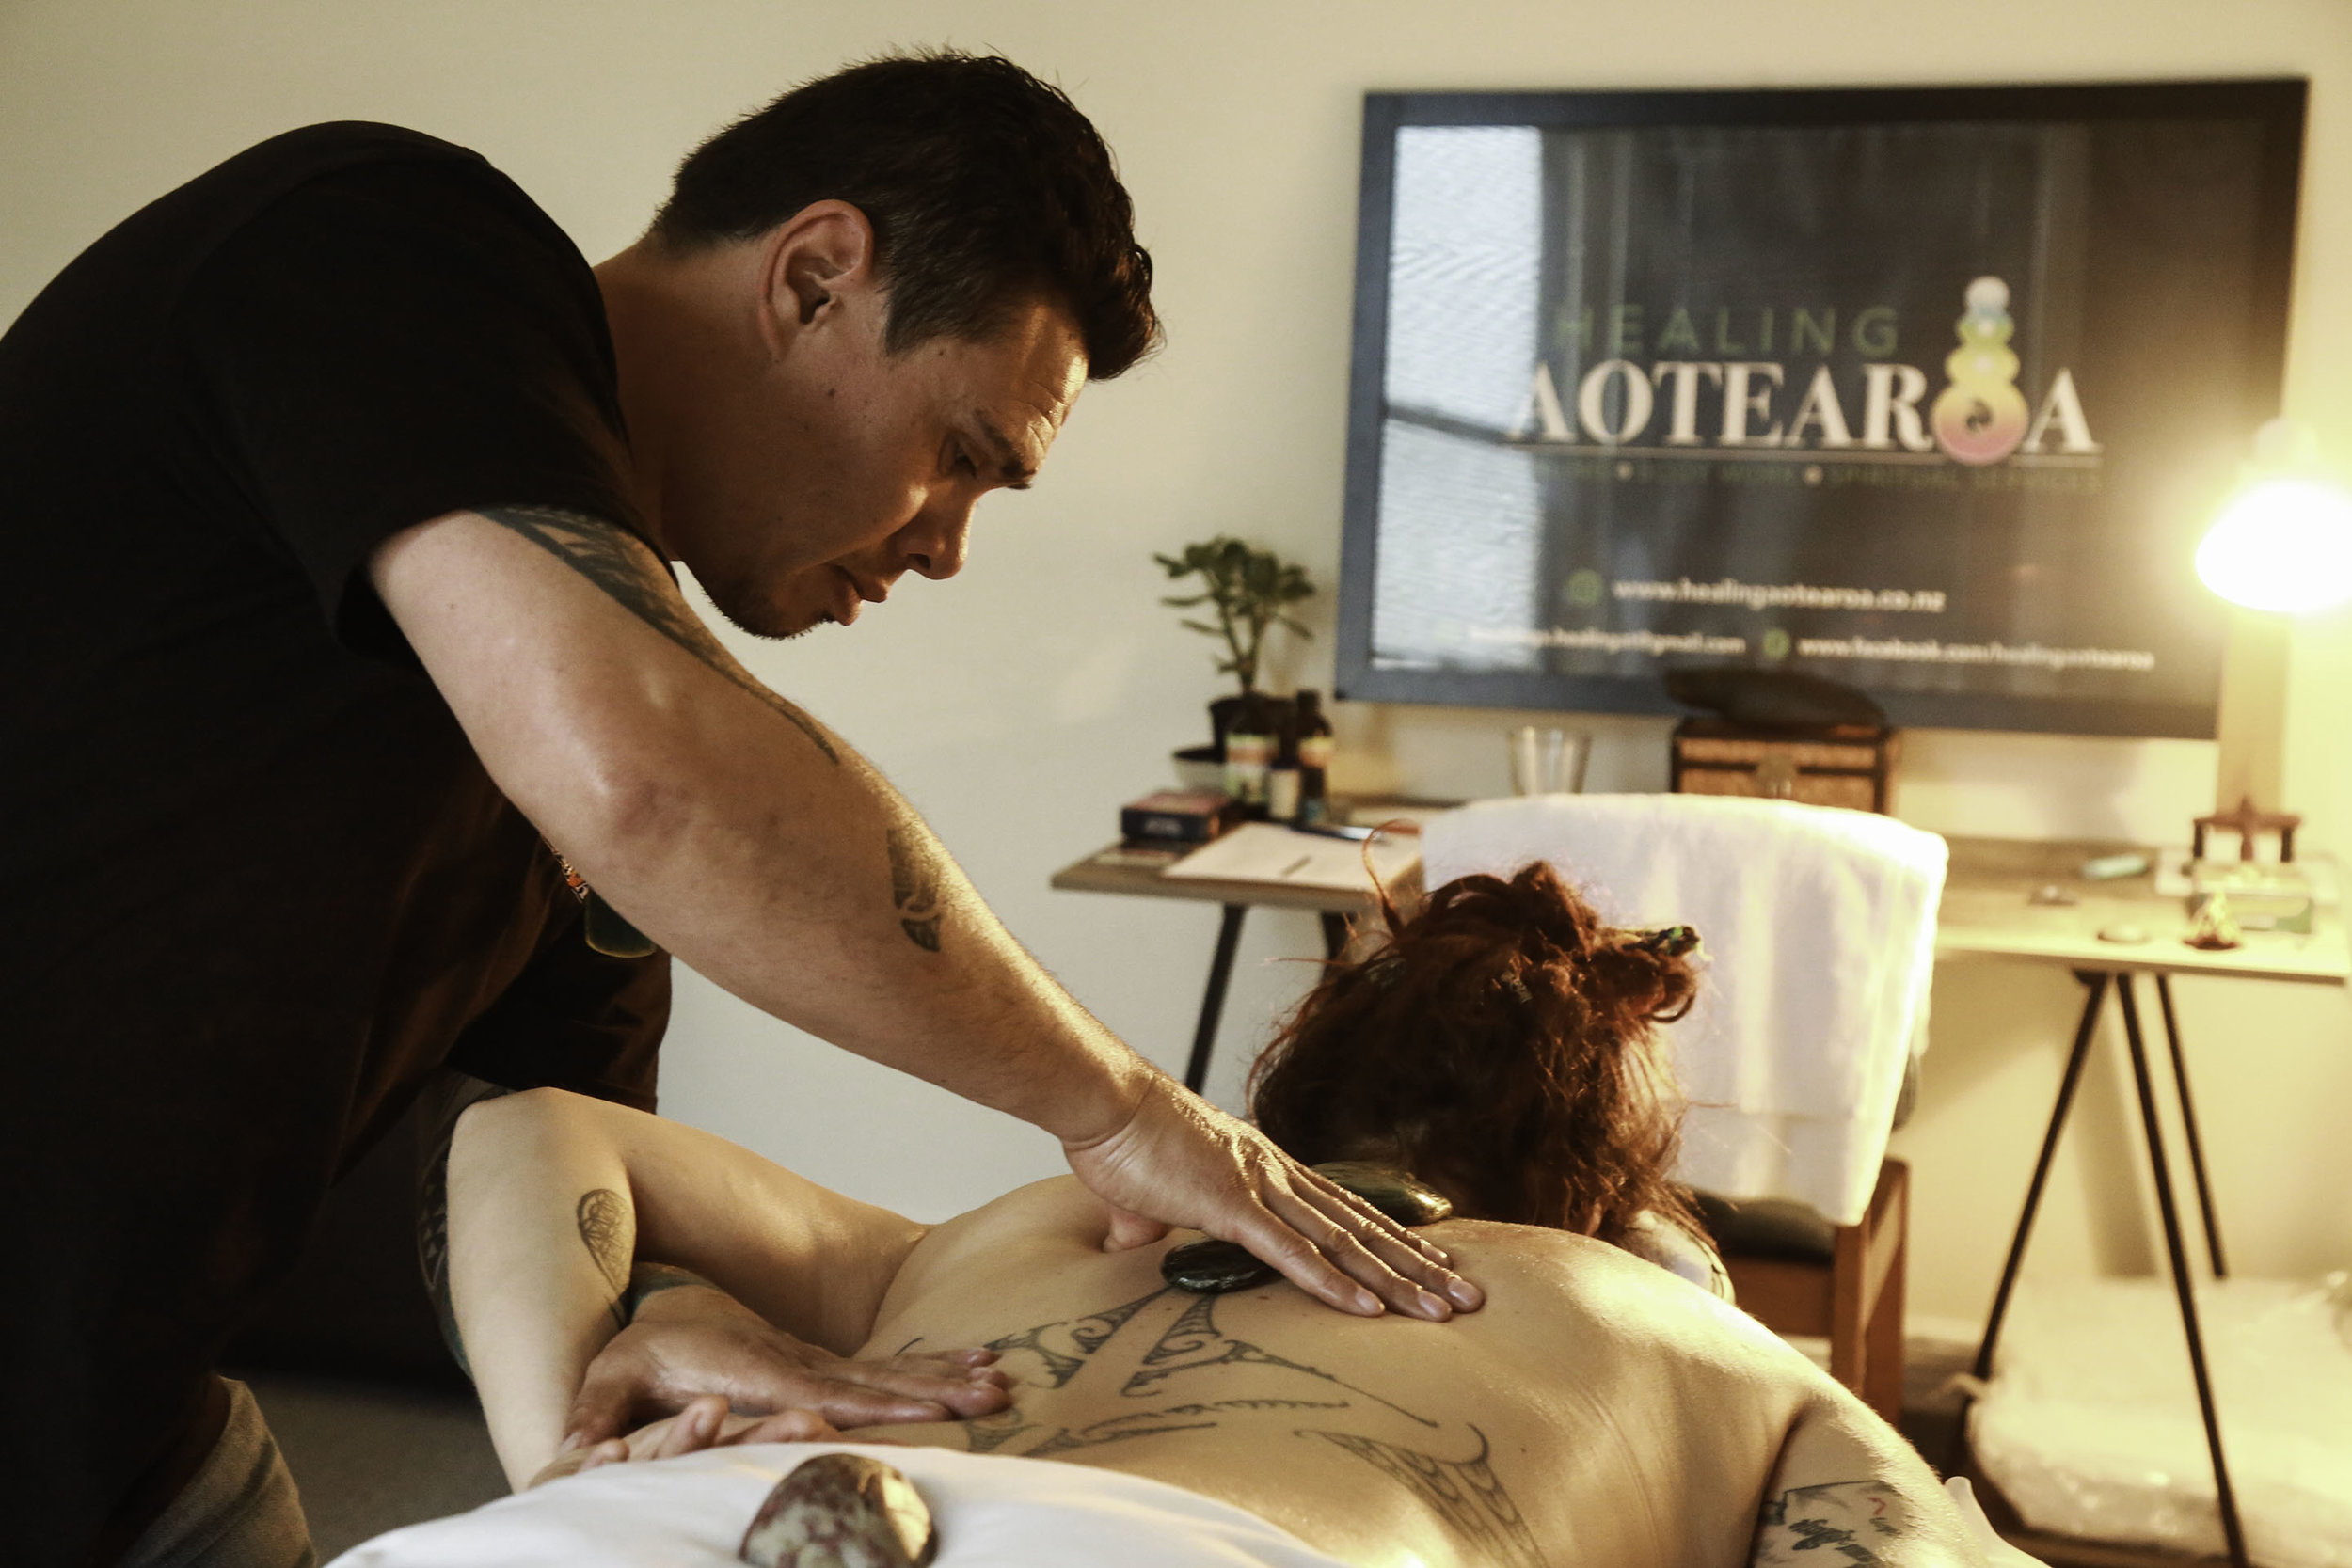 healing aotearoa queenstown dunedin healing services traditional spiritual healing maori healing maori massage what to expect.jpg